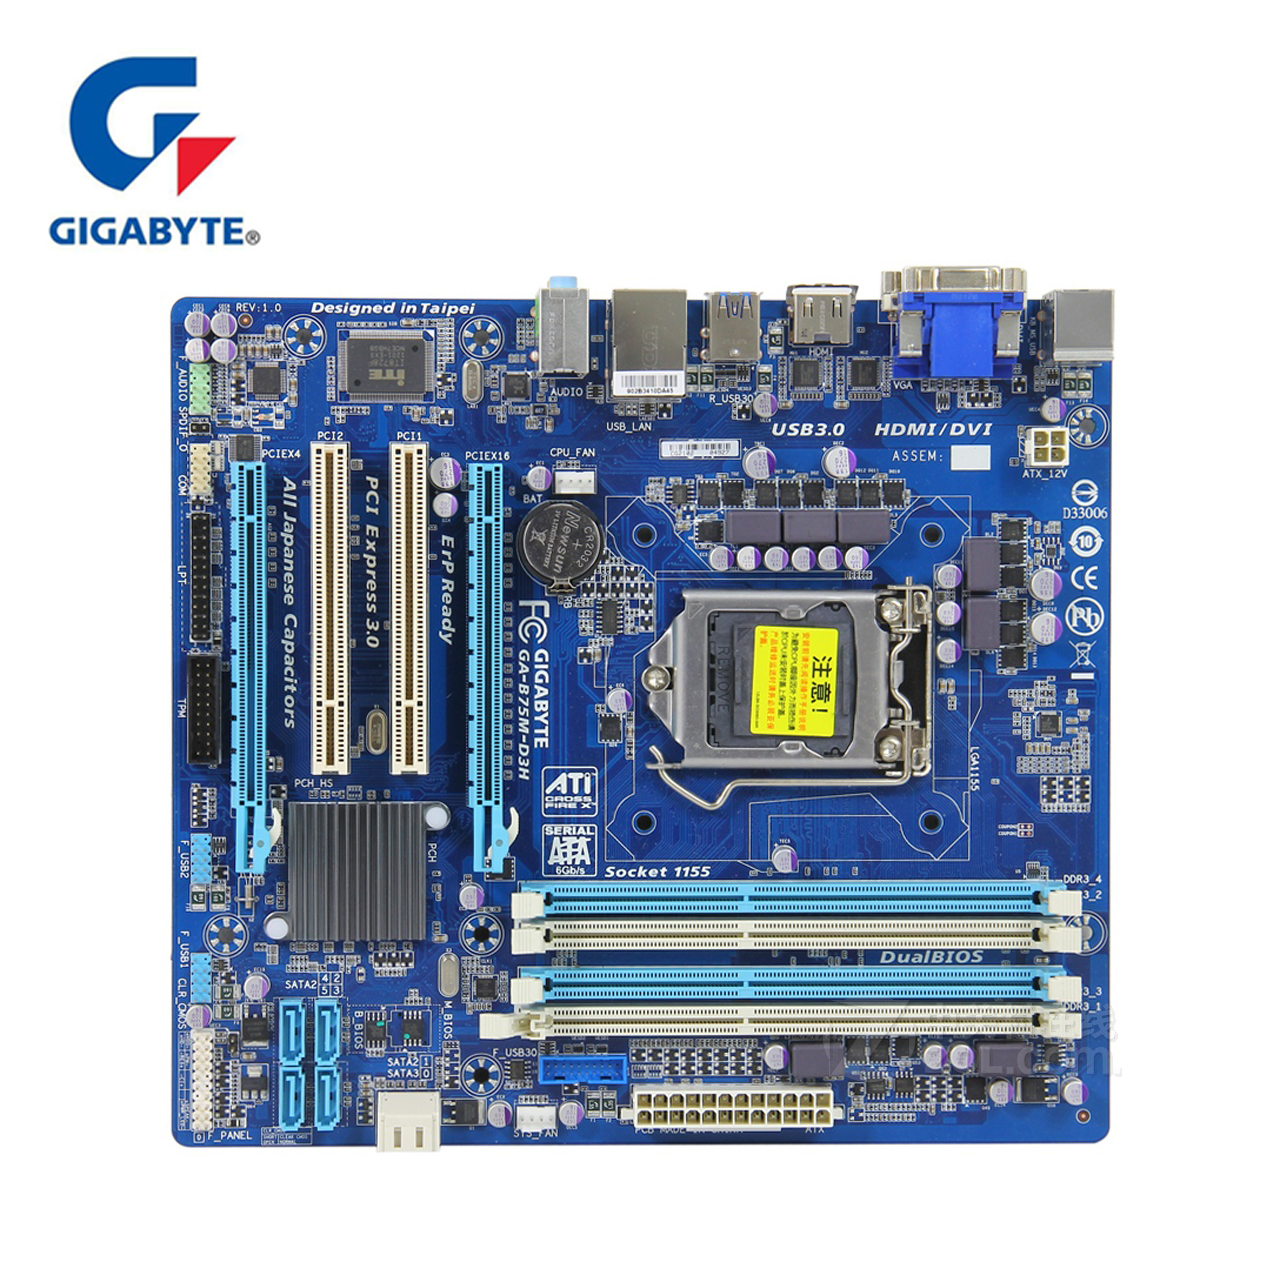 Original Gigabyte GA-B75M-D3H Motherboard LGA 1155 DDR3 RAM 32G B75 B75M D3H Desktop Mainboard B75M-D3H DVI VGA HDMI USB3 Used